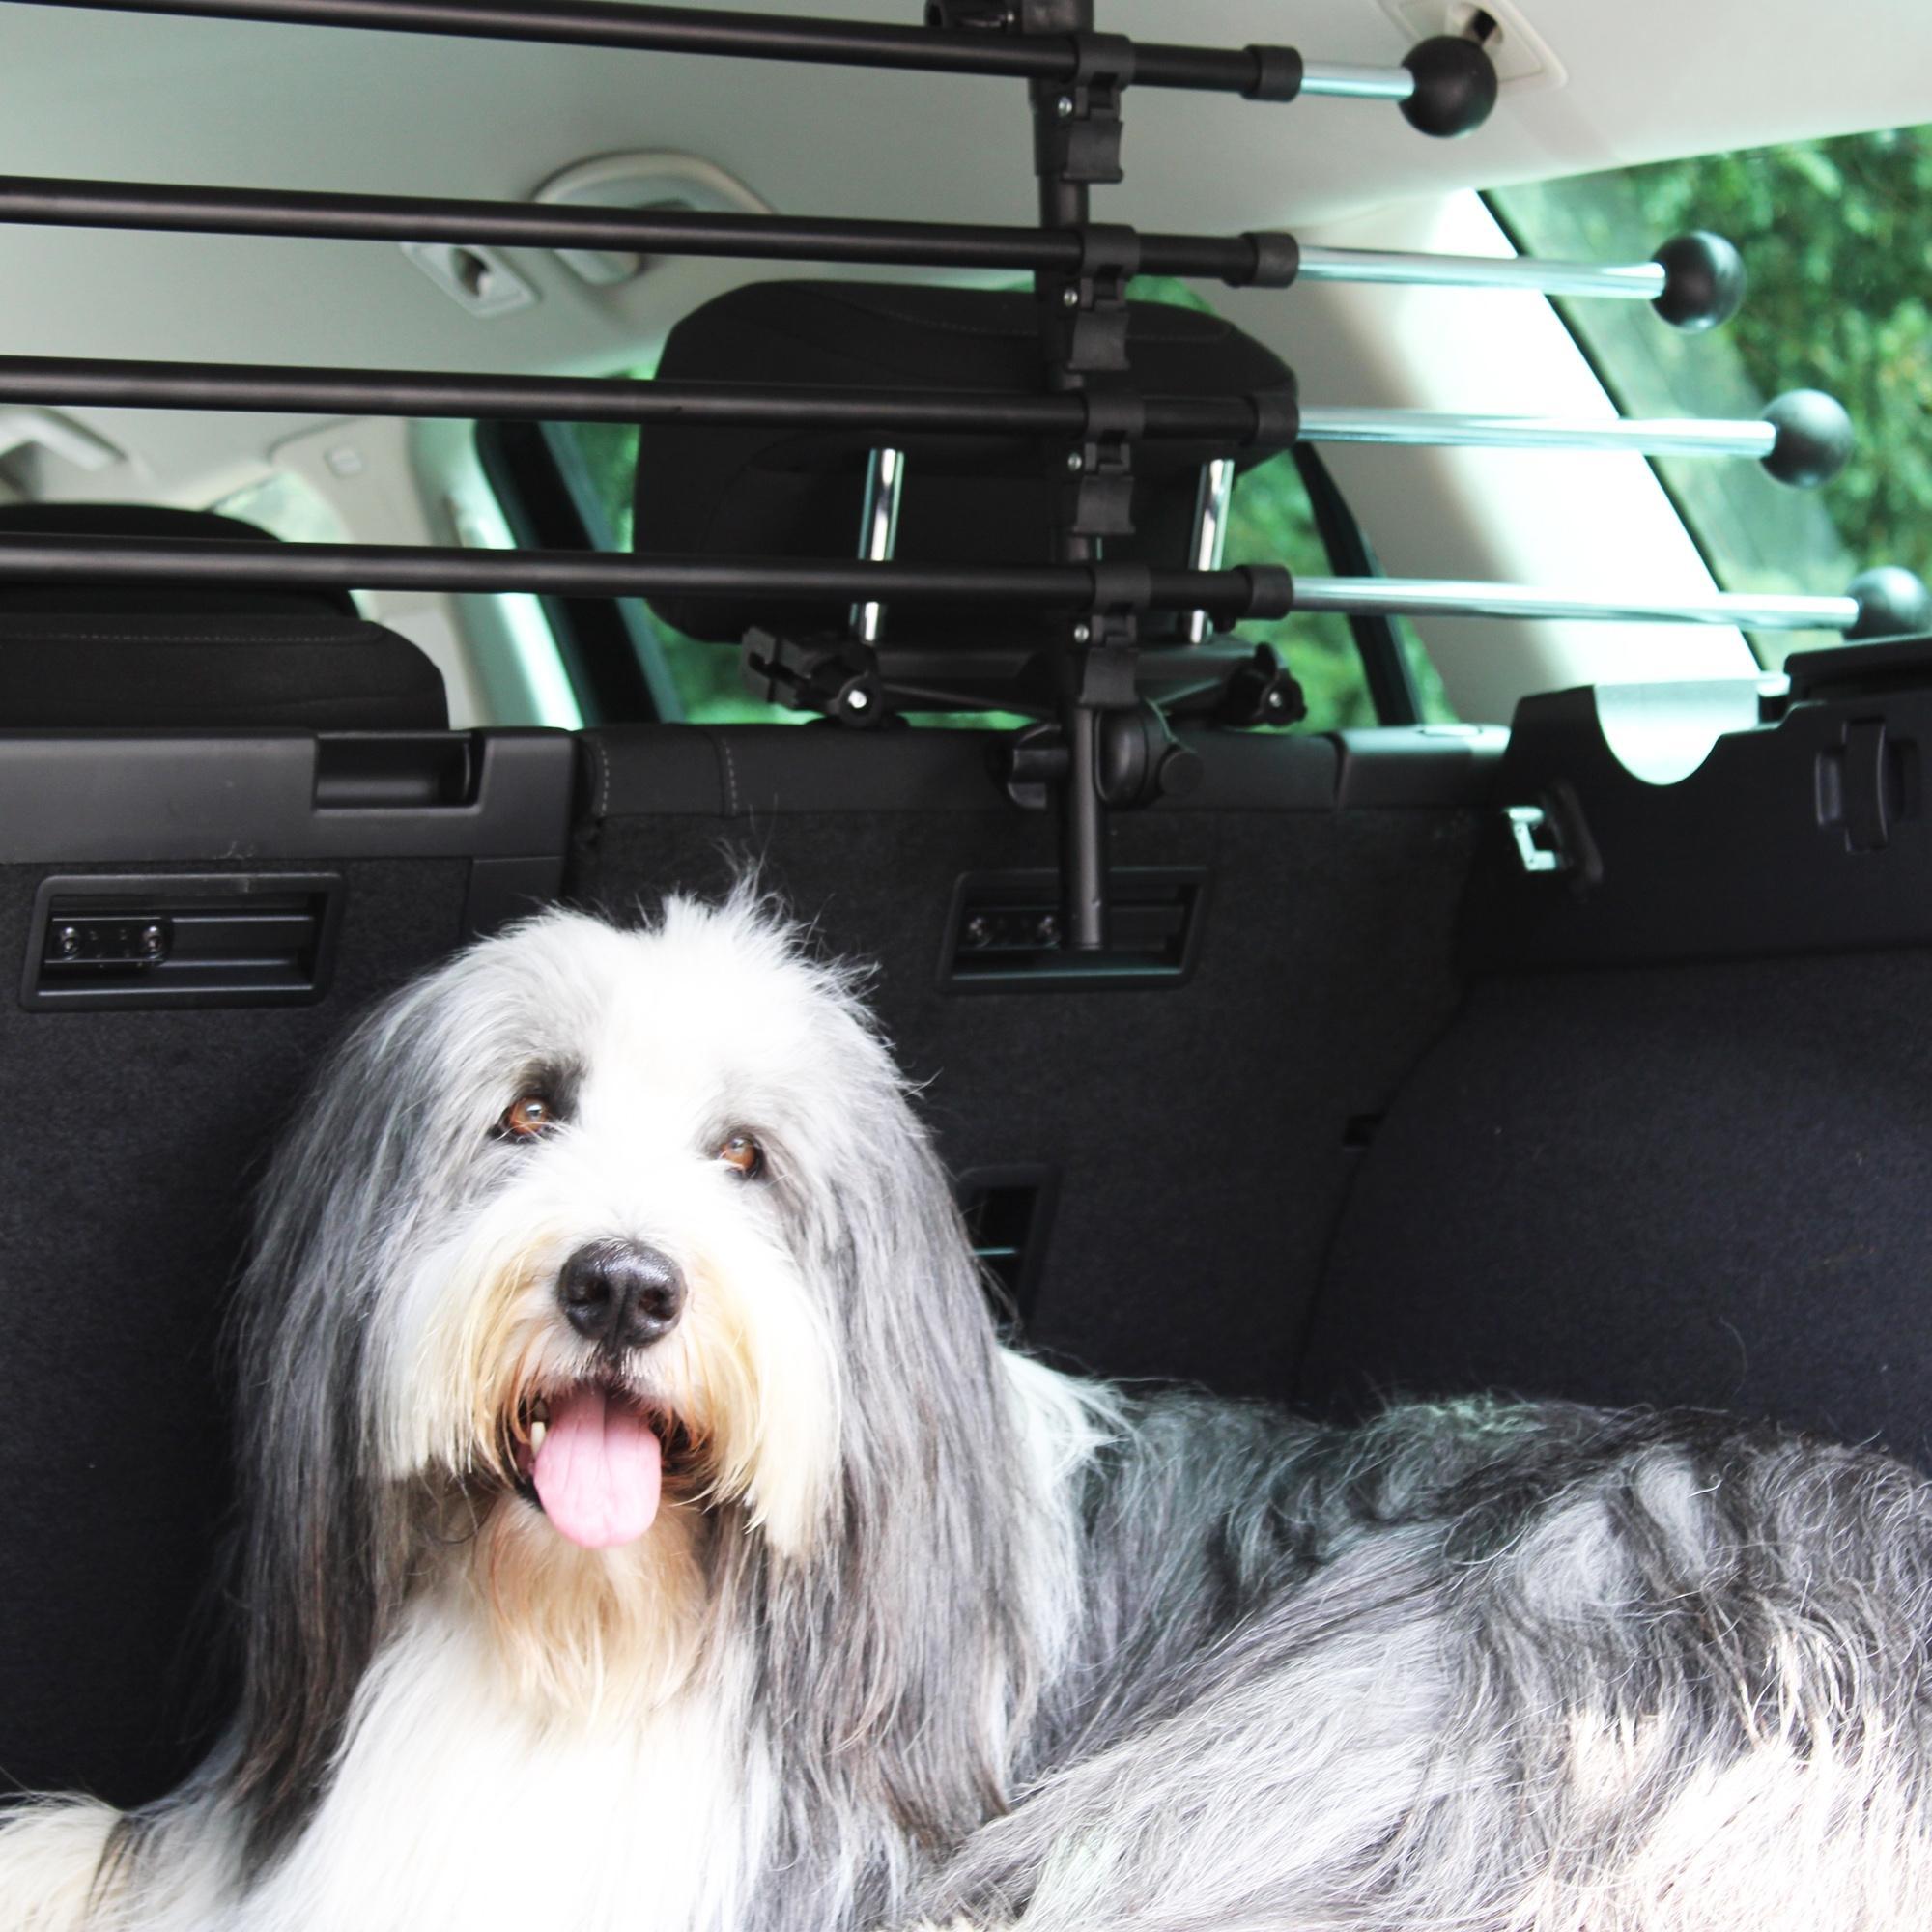 Hundegitter fürs Auto 127503 Niedrige Preise - Jetzt kaufen!